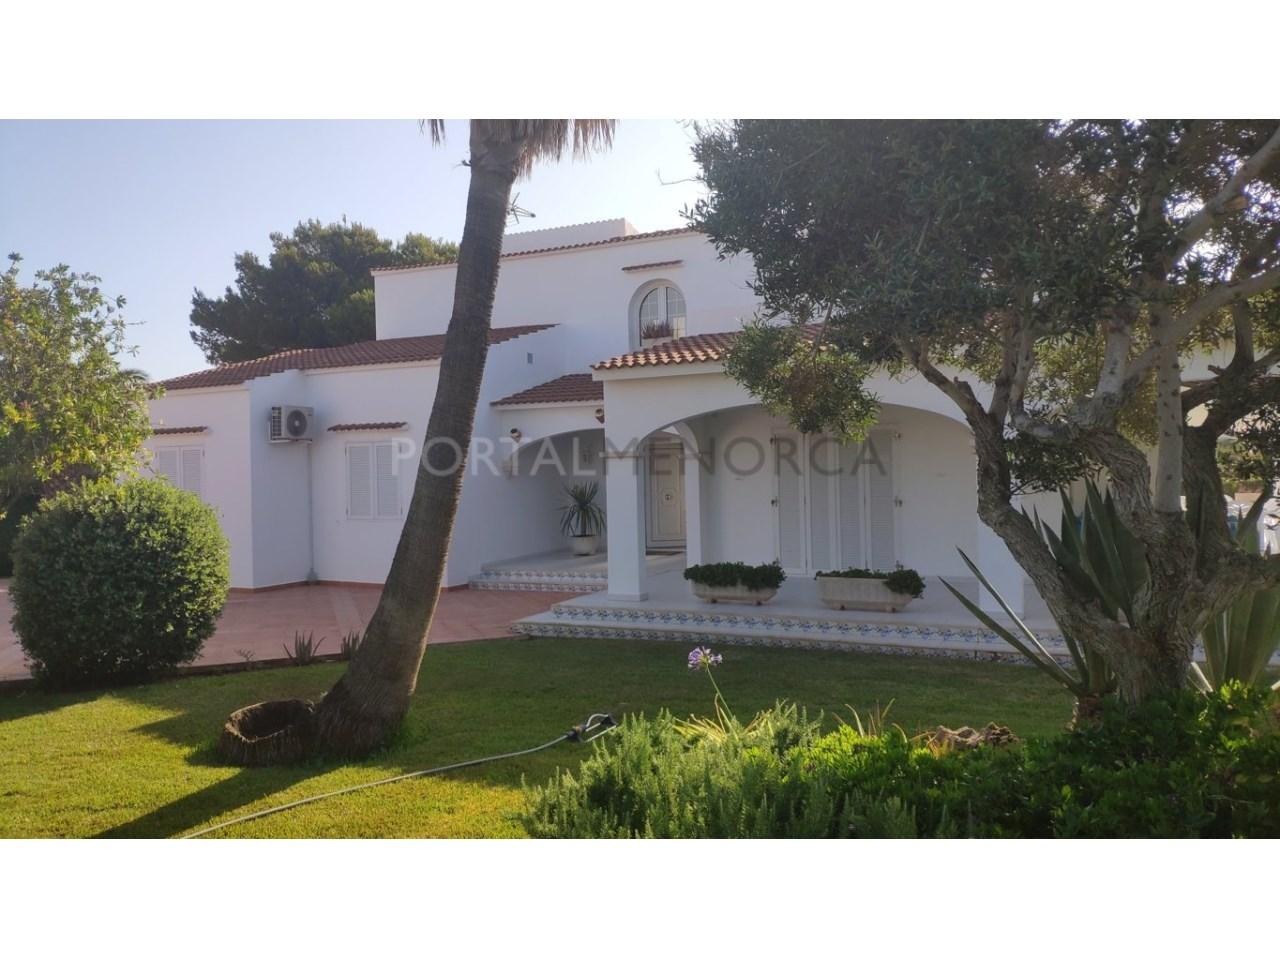 Chalet en venta en Calan Blanes con licencia turística Ciutadella Menorca - fachada entrada